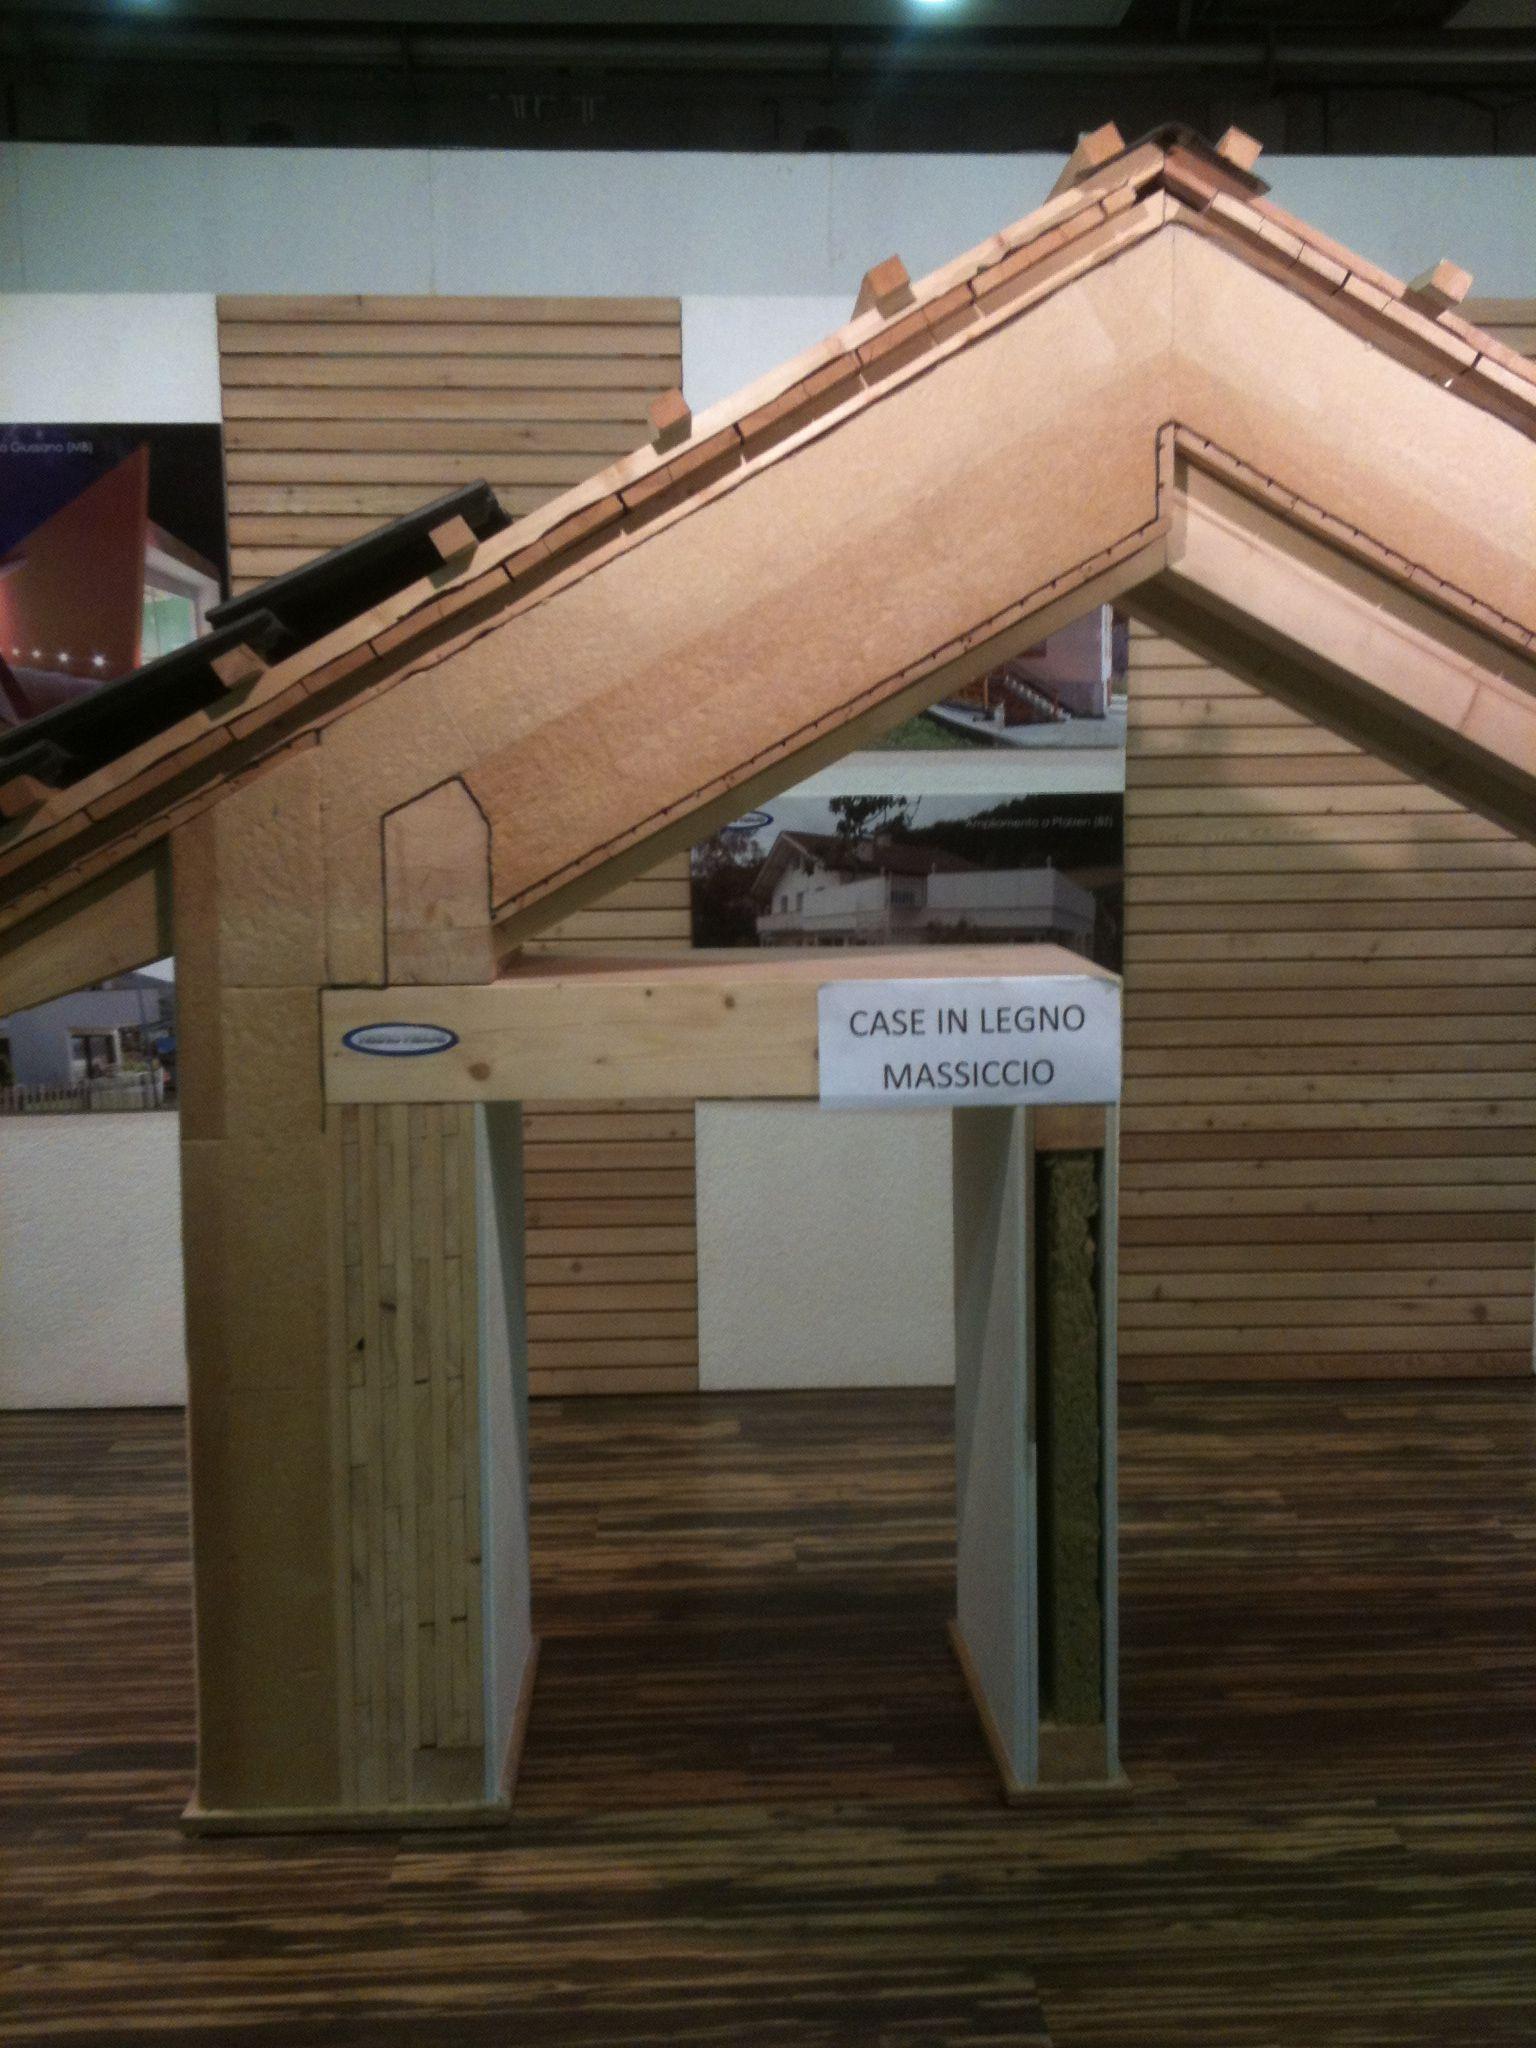 Case in legno massiccio raro haus legno edilizia 2015 for Haus case in legno